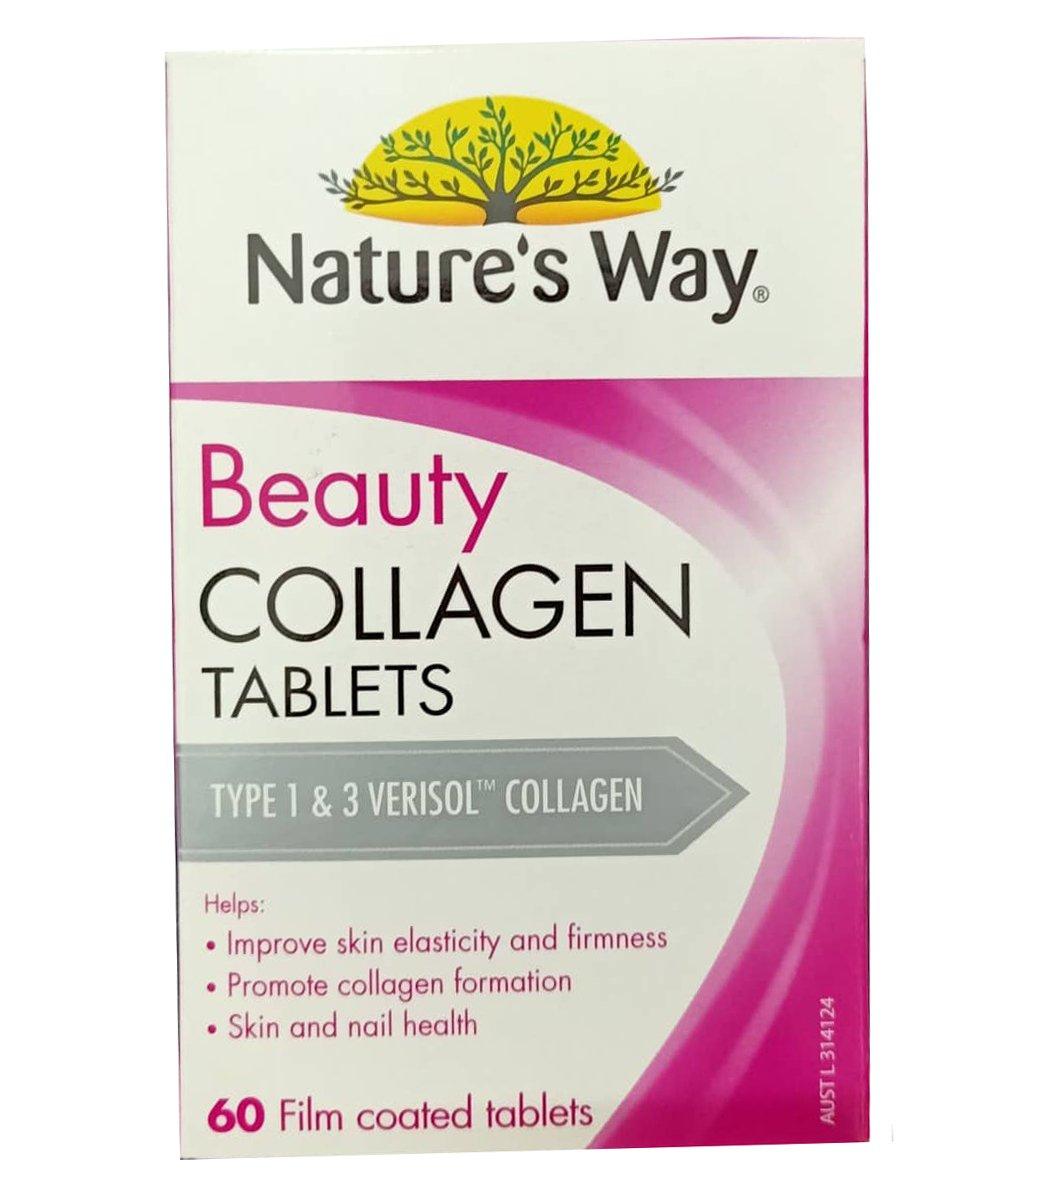 Viên uống Collagen Nature's Way mẫu mới